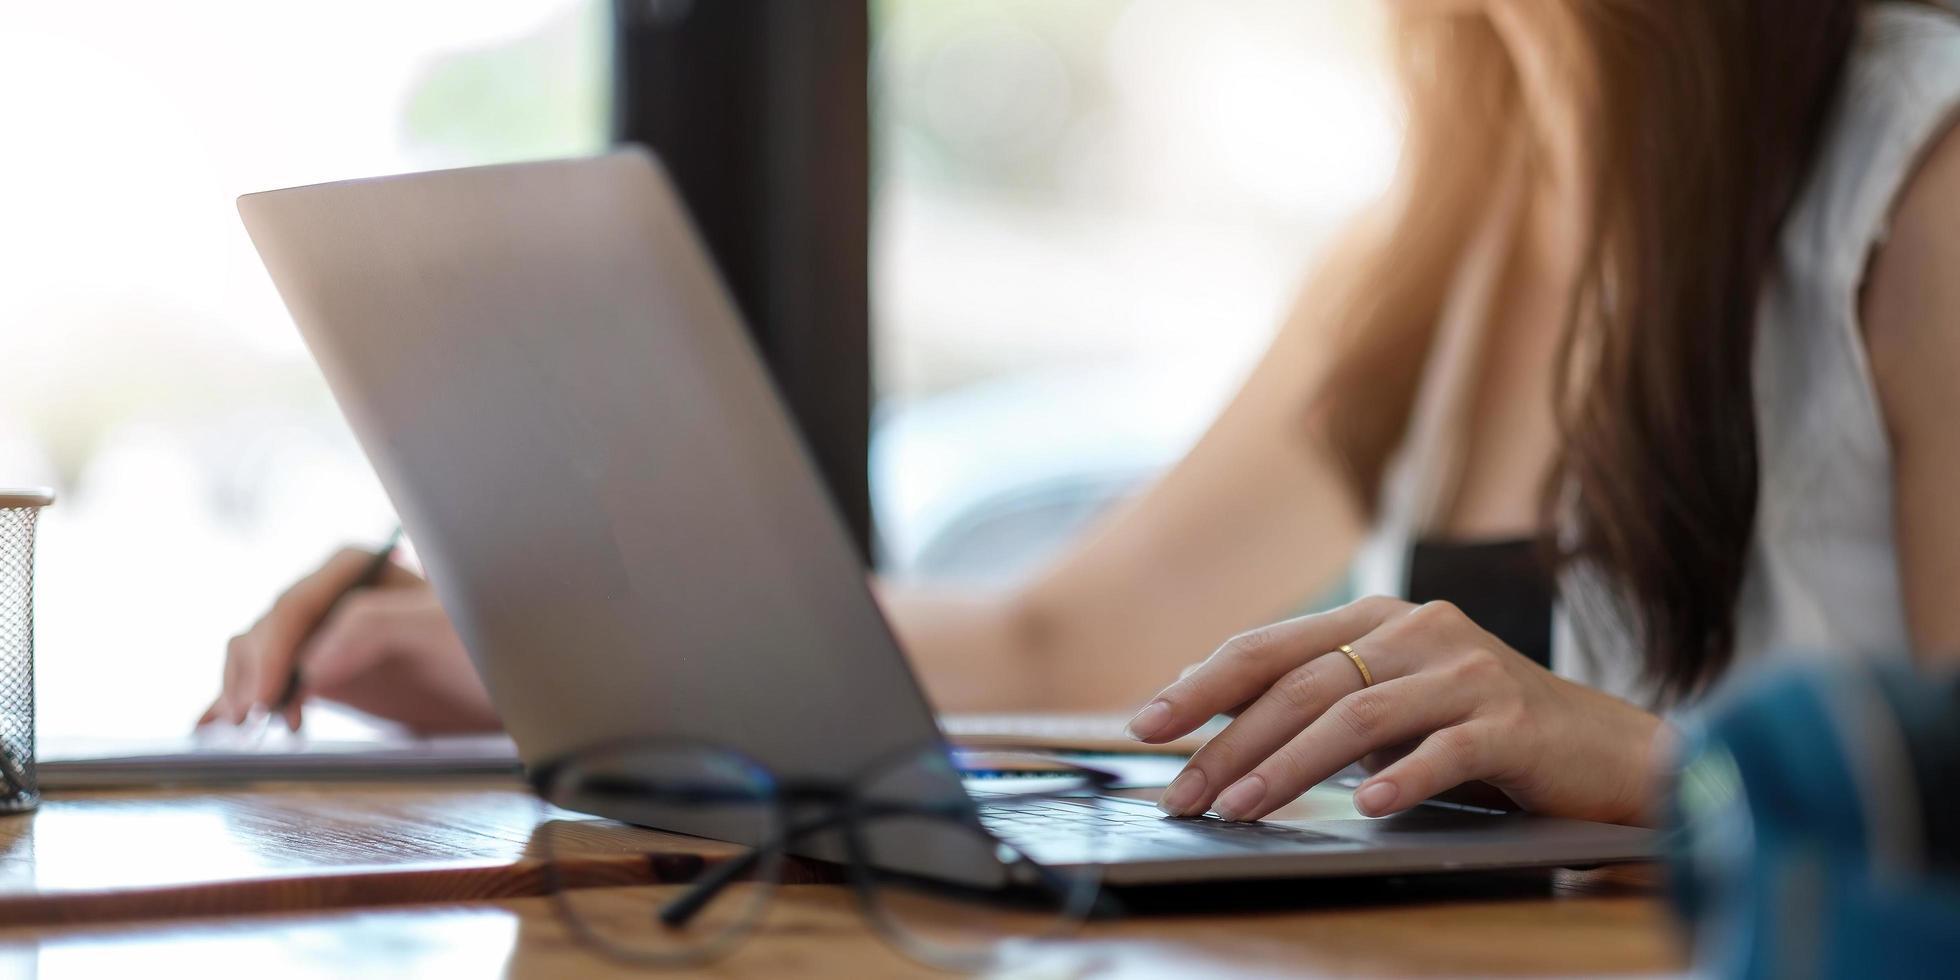 Geschäftsfrau, die im Finanz- und Rechnungswesen arbeitet und das Finanzbudget zu Hause analysiert, Konzept von zu Hause aus arbeiten foto